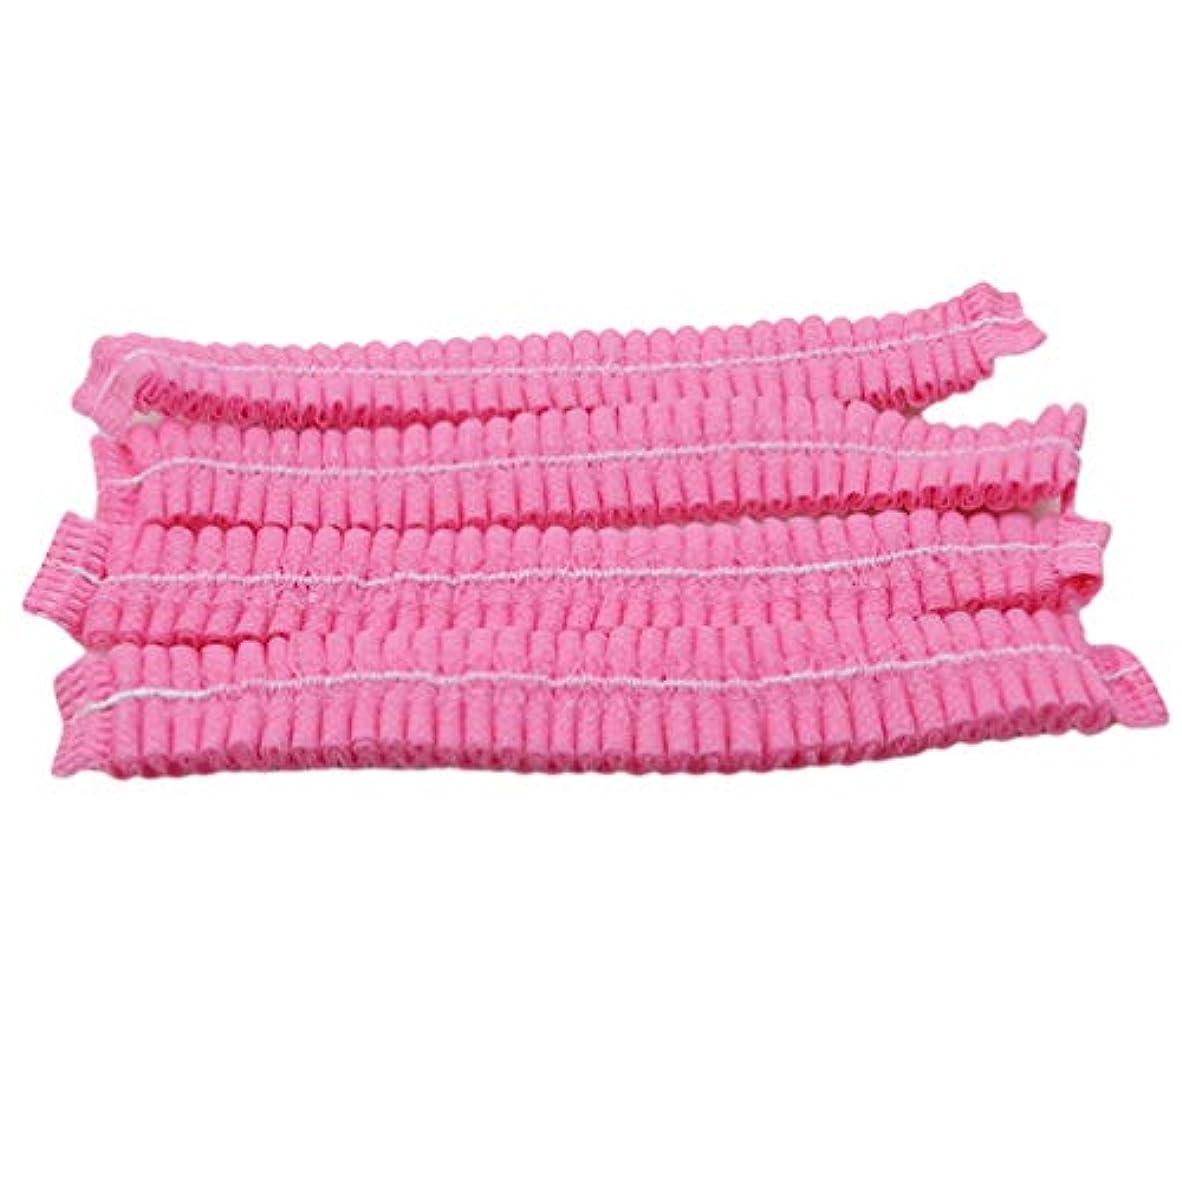 ポテト感謝しているブロックLJSLYJ 100ピース不織布使い捨てシャワーキャッププリーツアンチダスト帽子女性男性風呂キャップ用スパヘアーサロン美容アクセサリー、ピンク